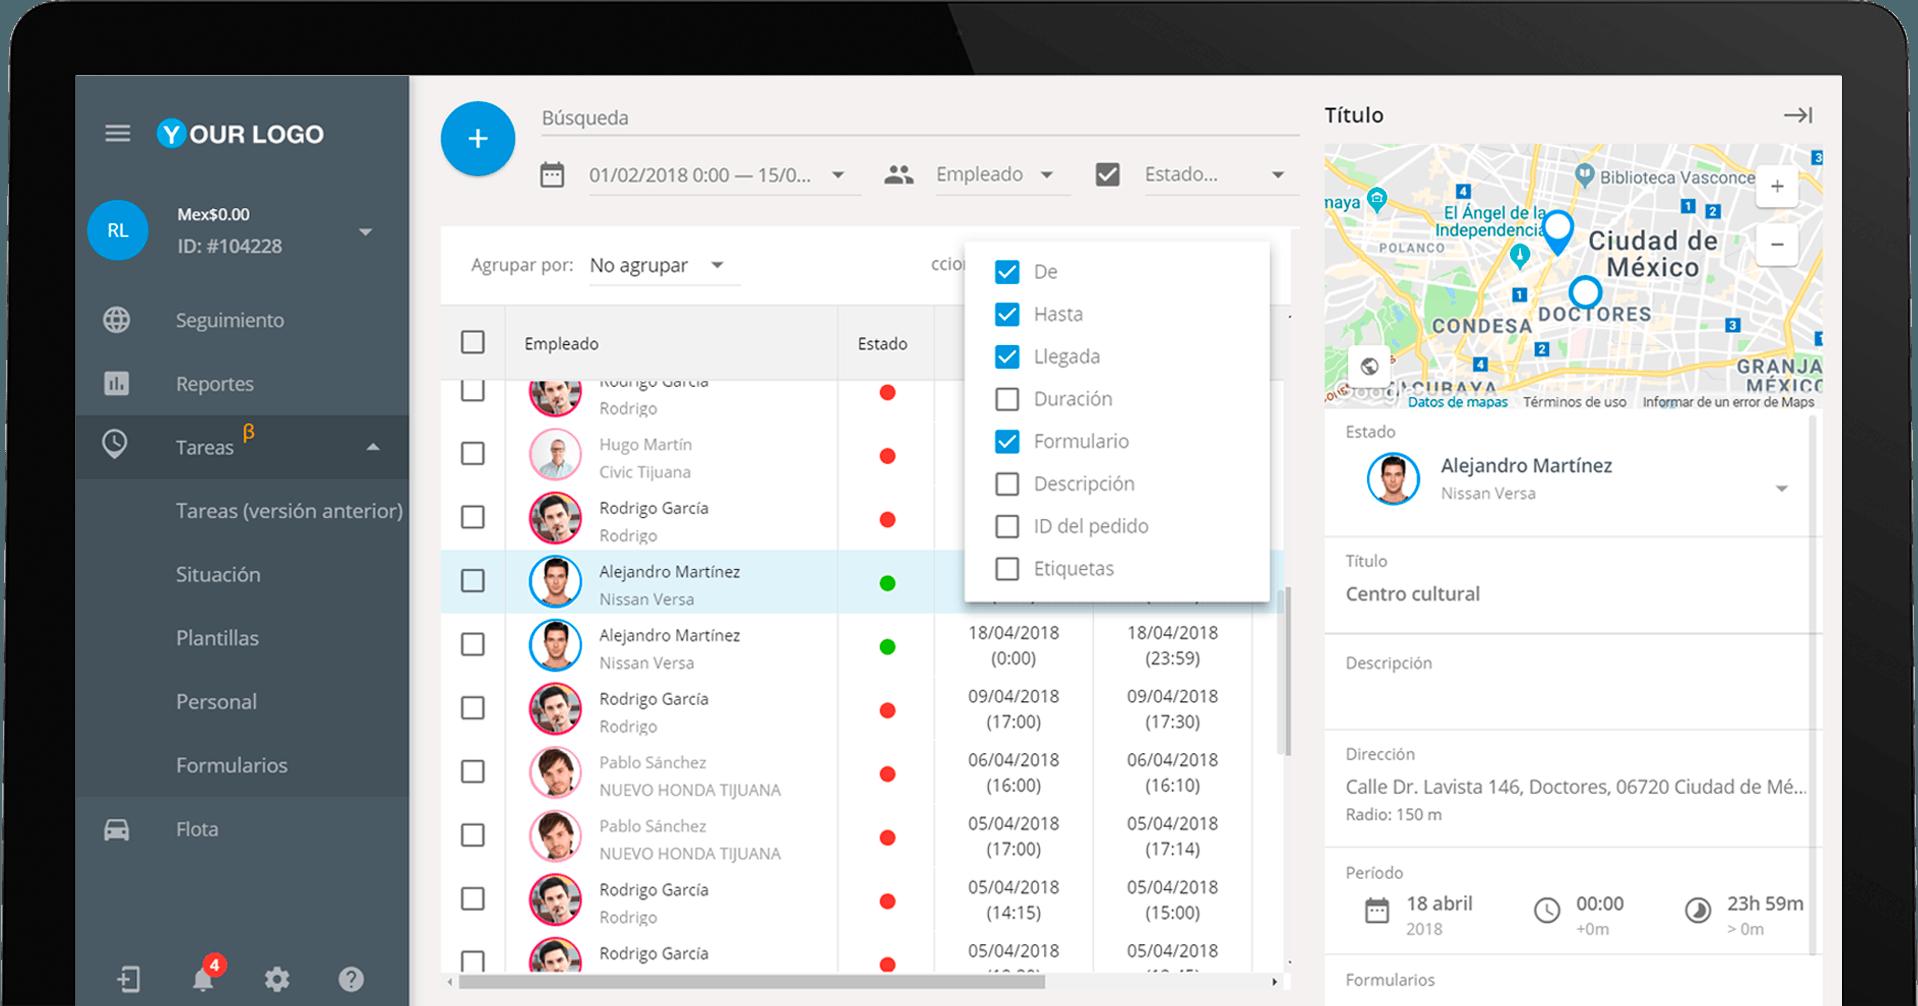 Tareas 2.0: disfruten de una interfaz más amigable para el monitoreo de empleados móviles